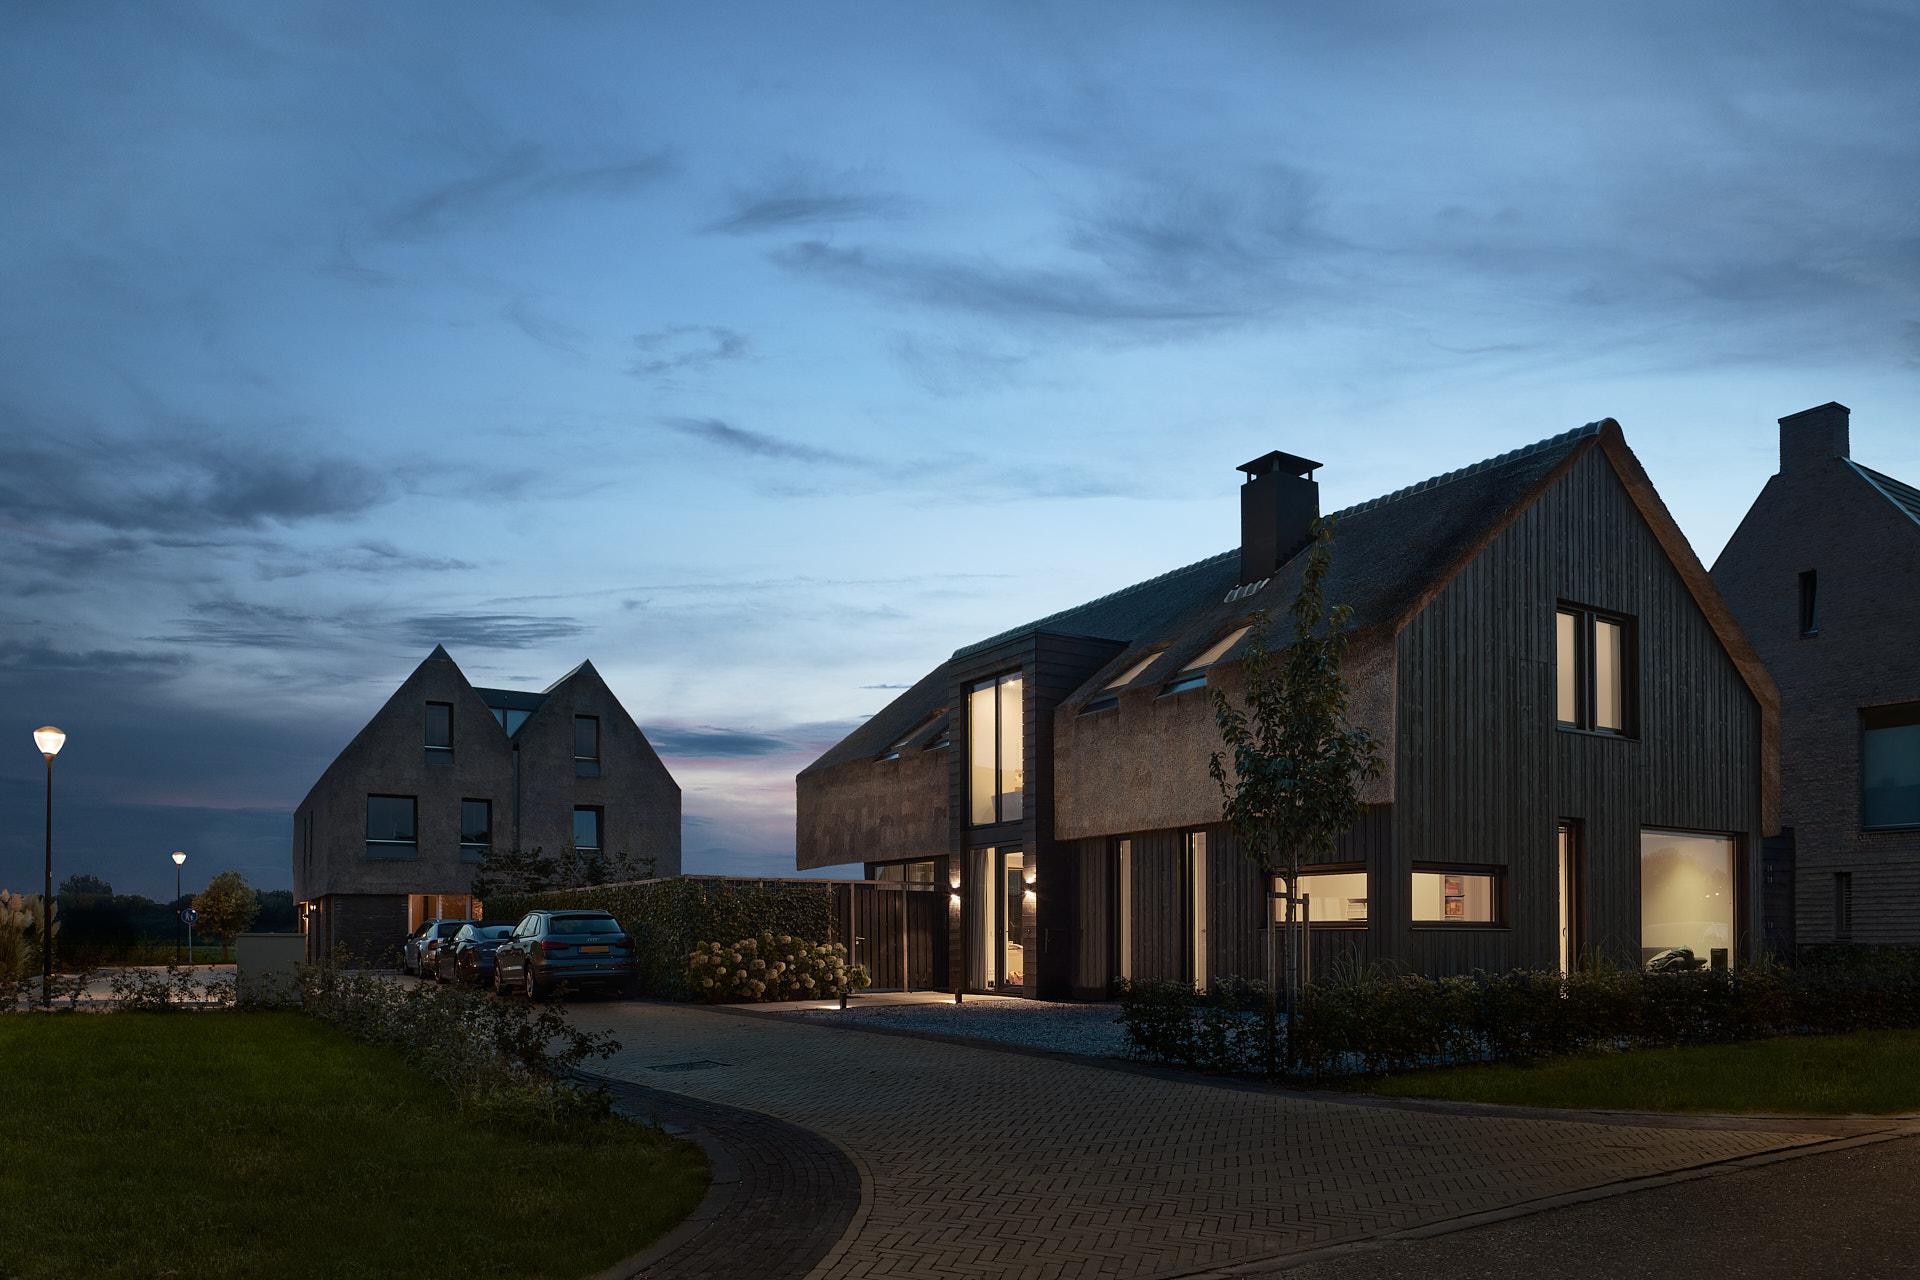 Moderne schuurwoning met rietenkap en houten gevel door architect Maxim Winkelaar uit Hilversum.